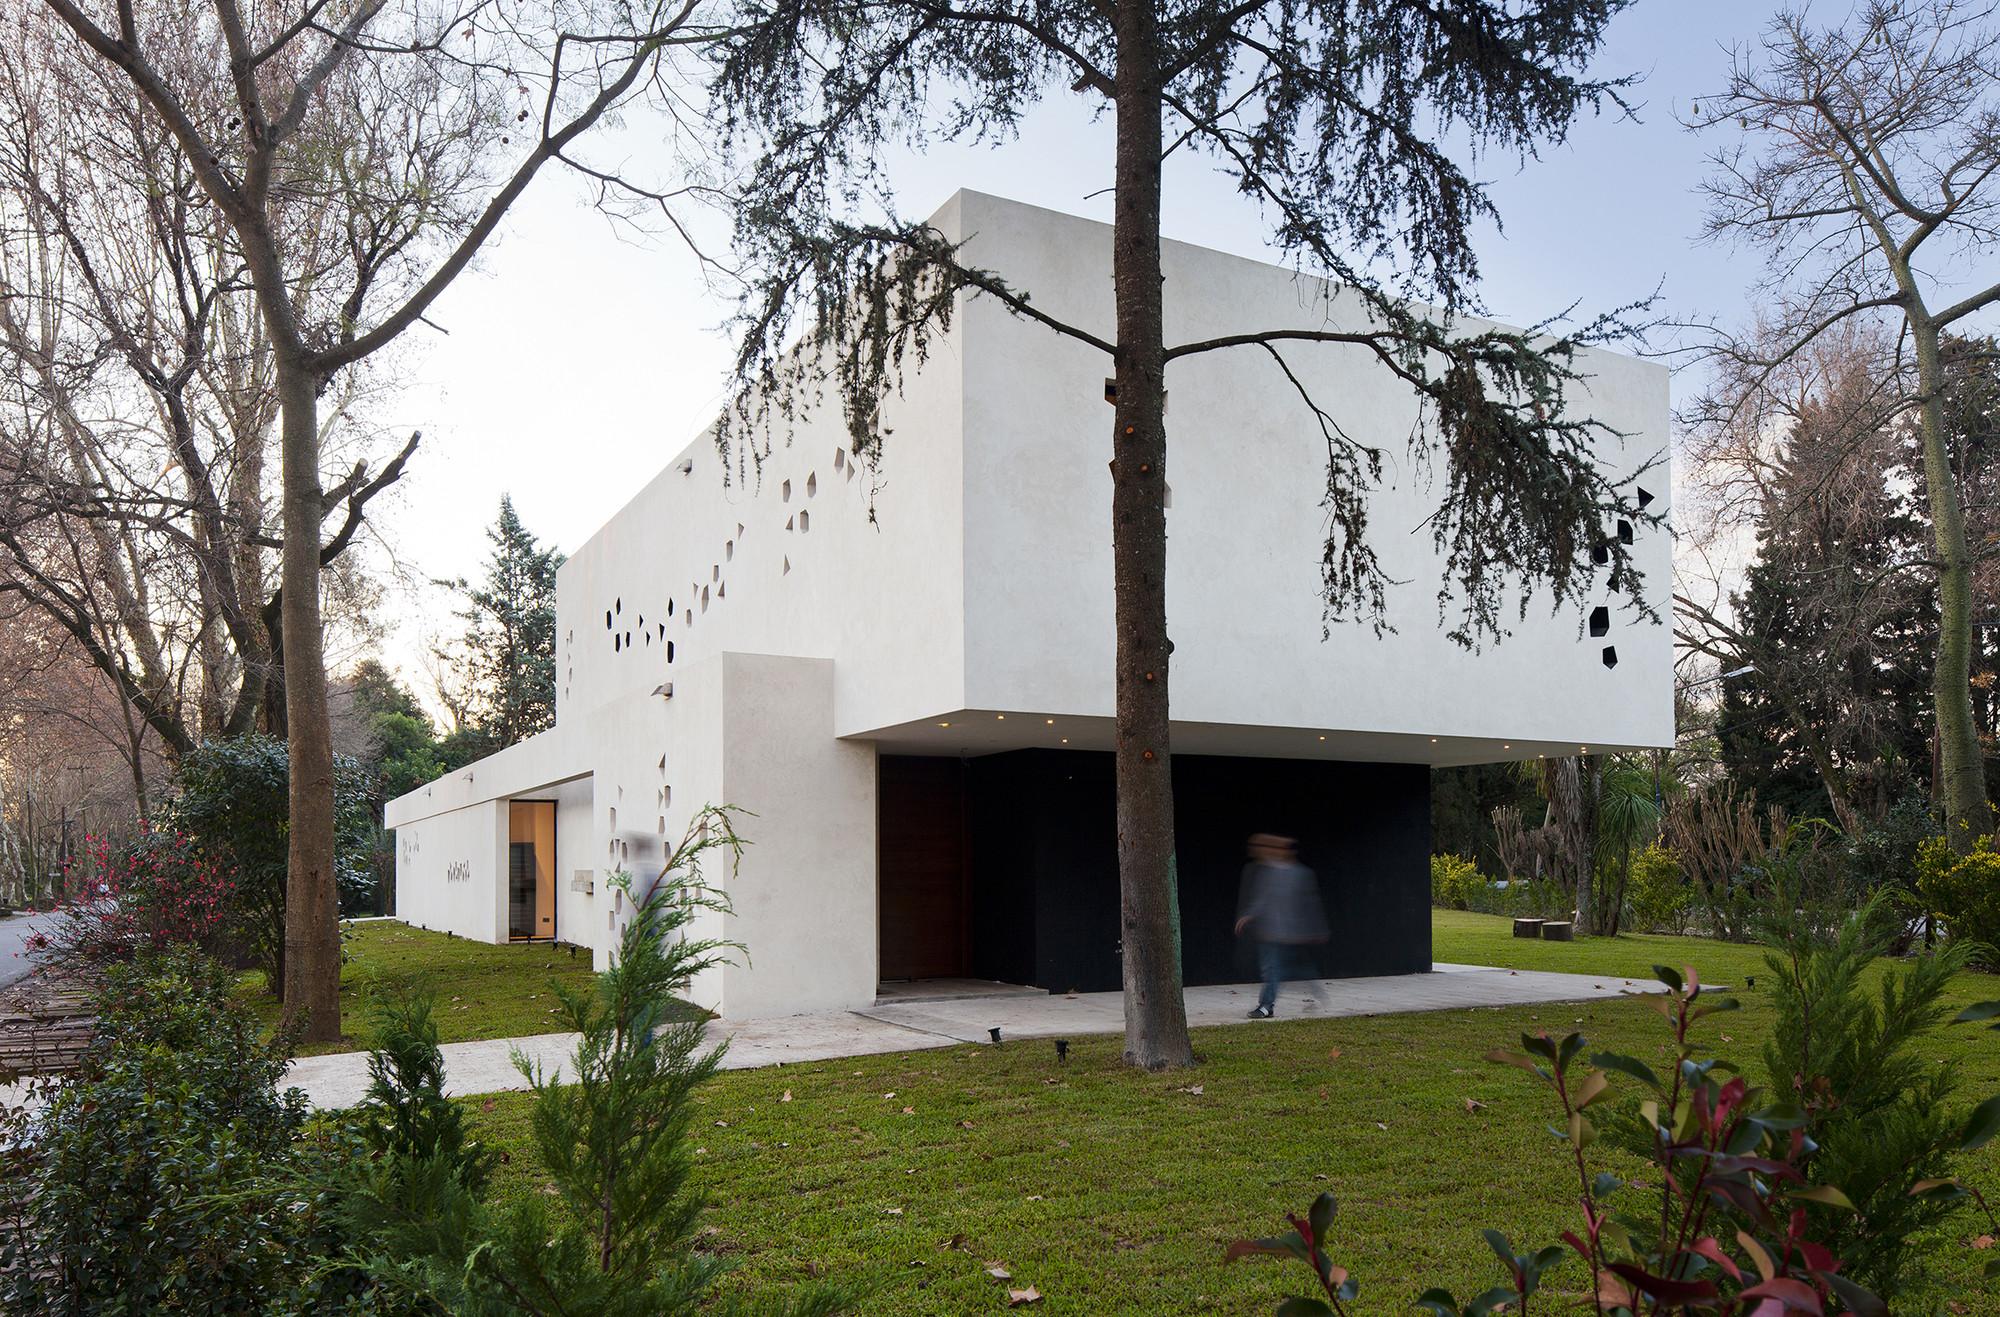 BLLTT House / Enrique Barberis, © Alejandro Peral